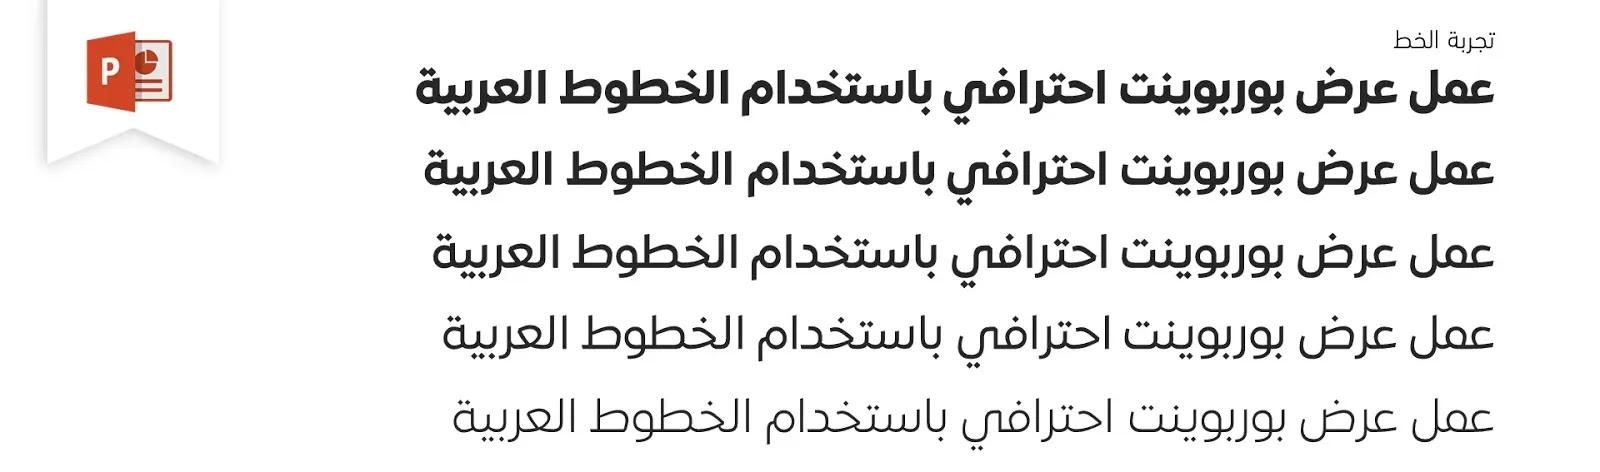 خطوط عربية لبرنامج اوفيس بوربوينت